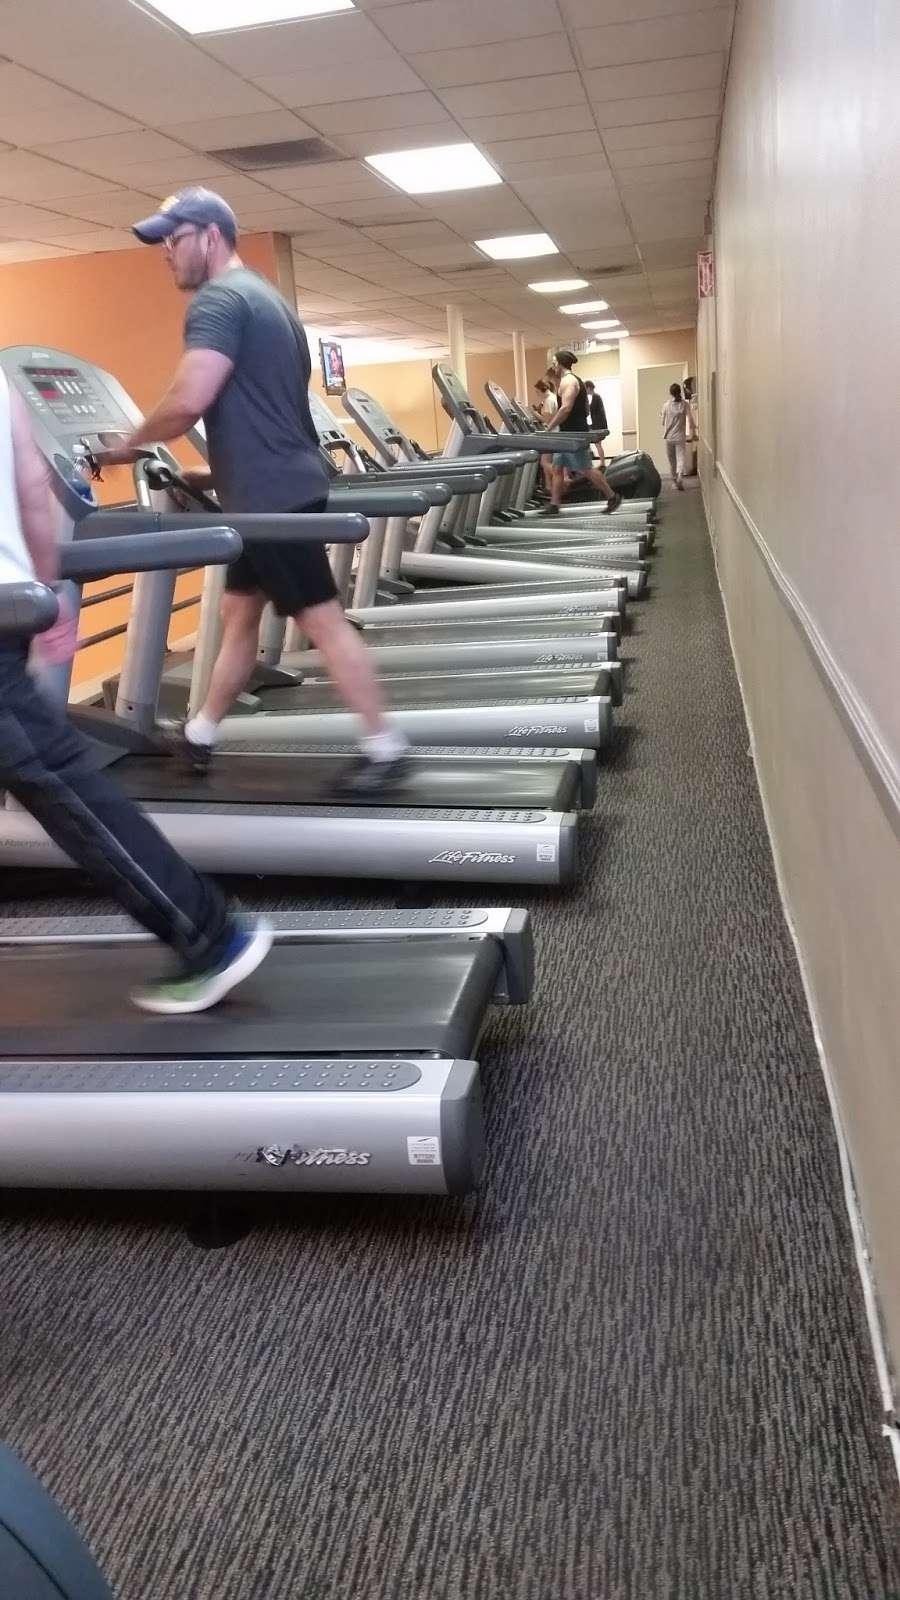 La Fitness Sherman Oaks : fitness, sherman, Fitness,, Coldwater, Canyon, Sherman, Oaks,, 91401,